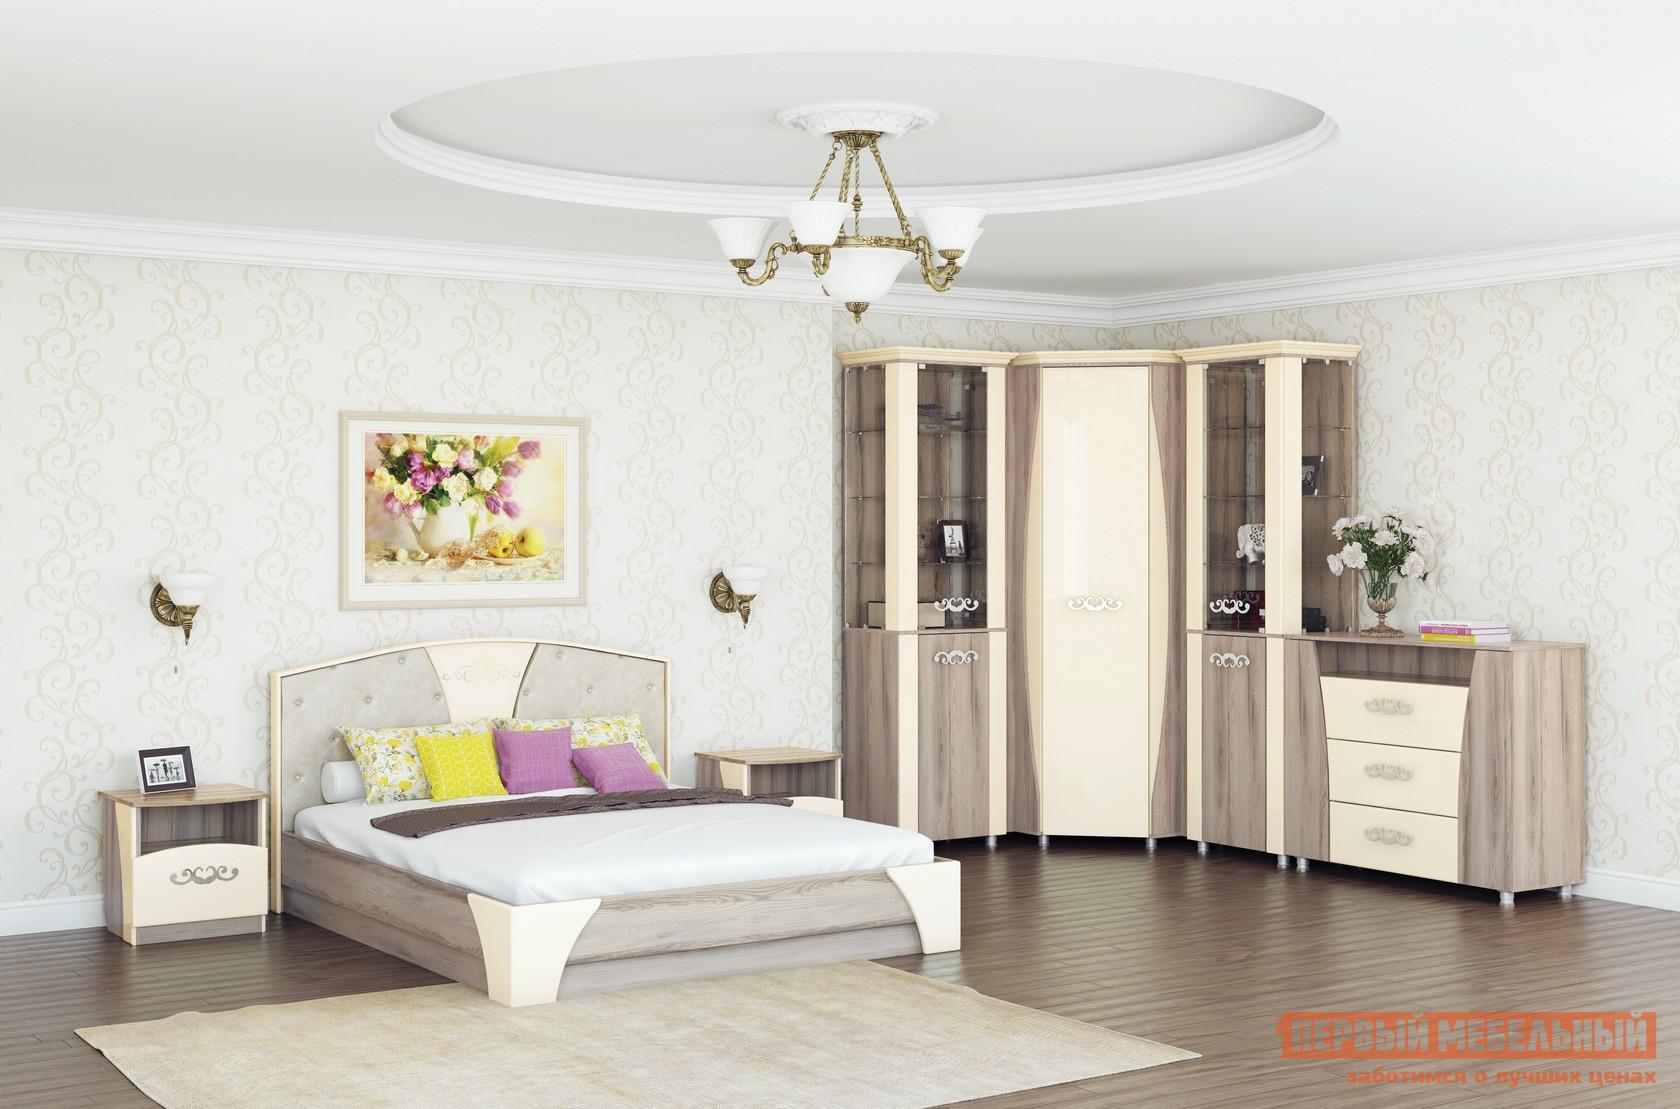 """Спальный гарнитур """"натали"""" можно купить онлайн в магазине, i."""